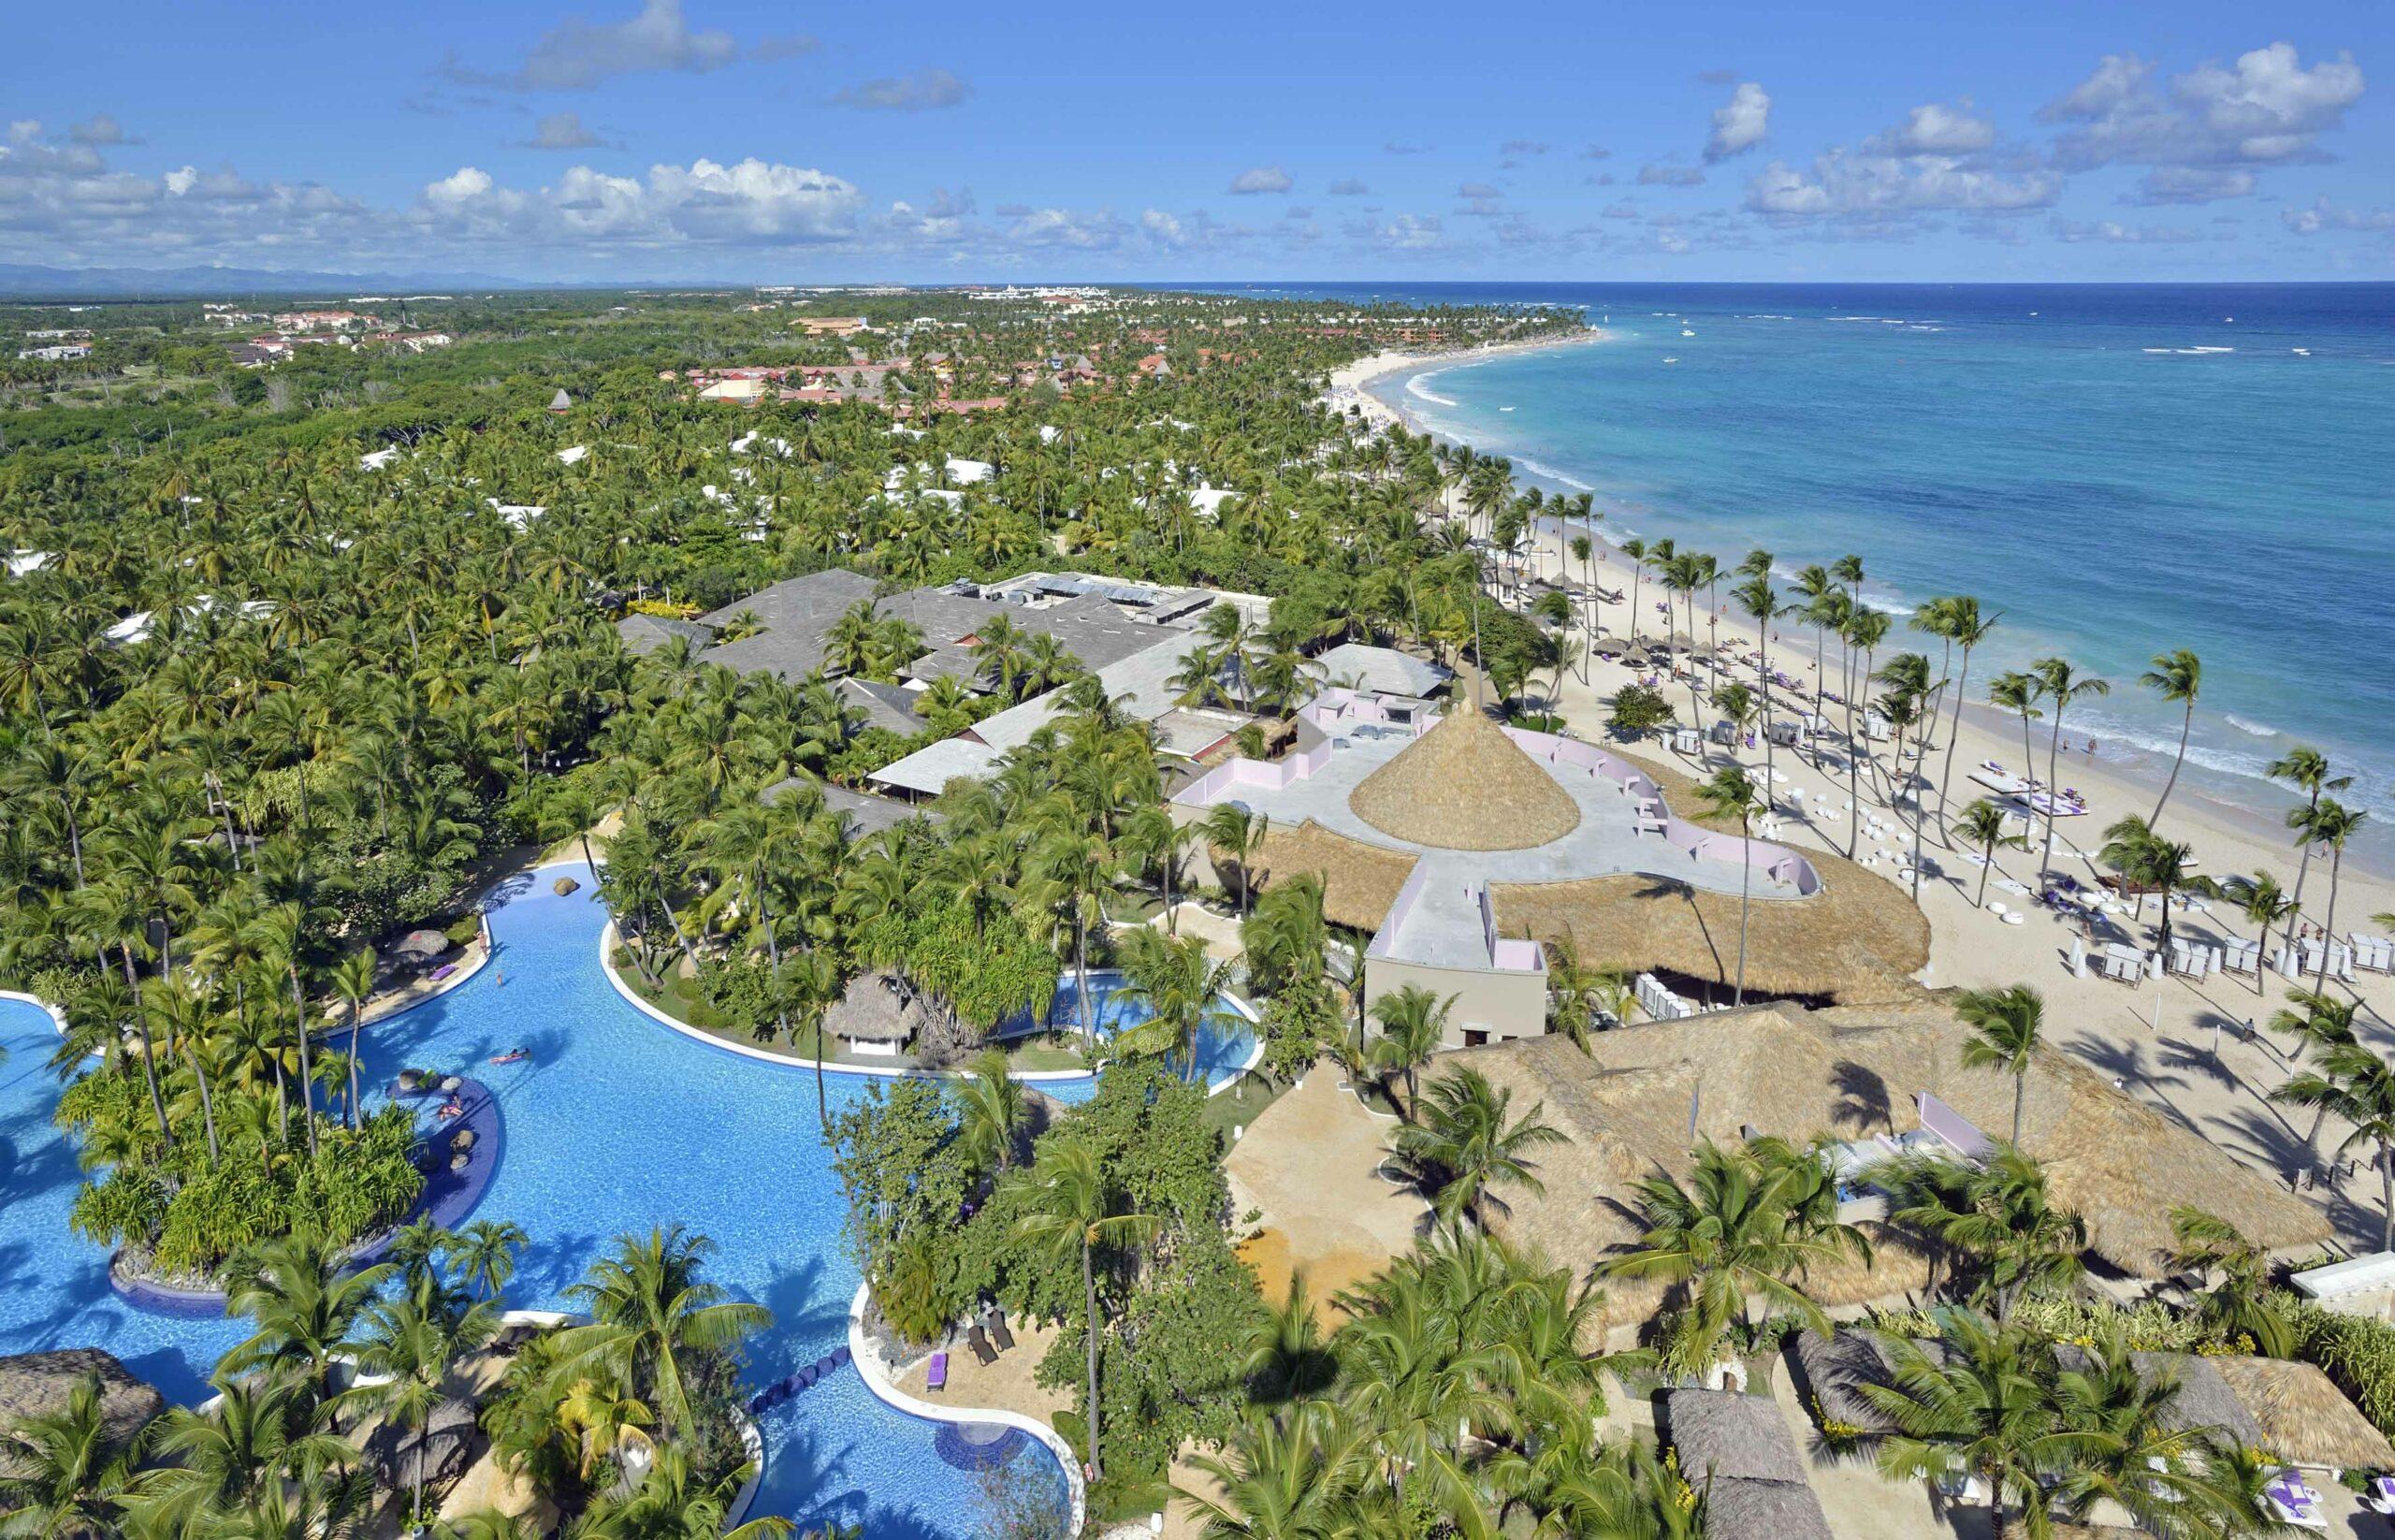 The Paradisus Punta Cana